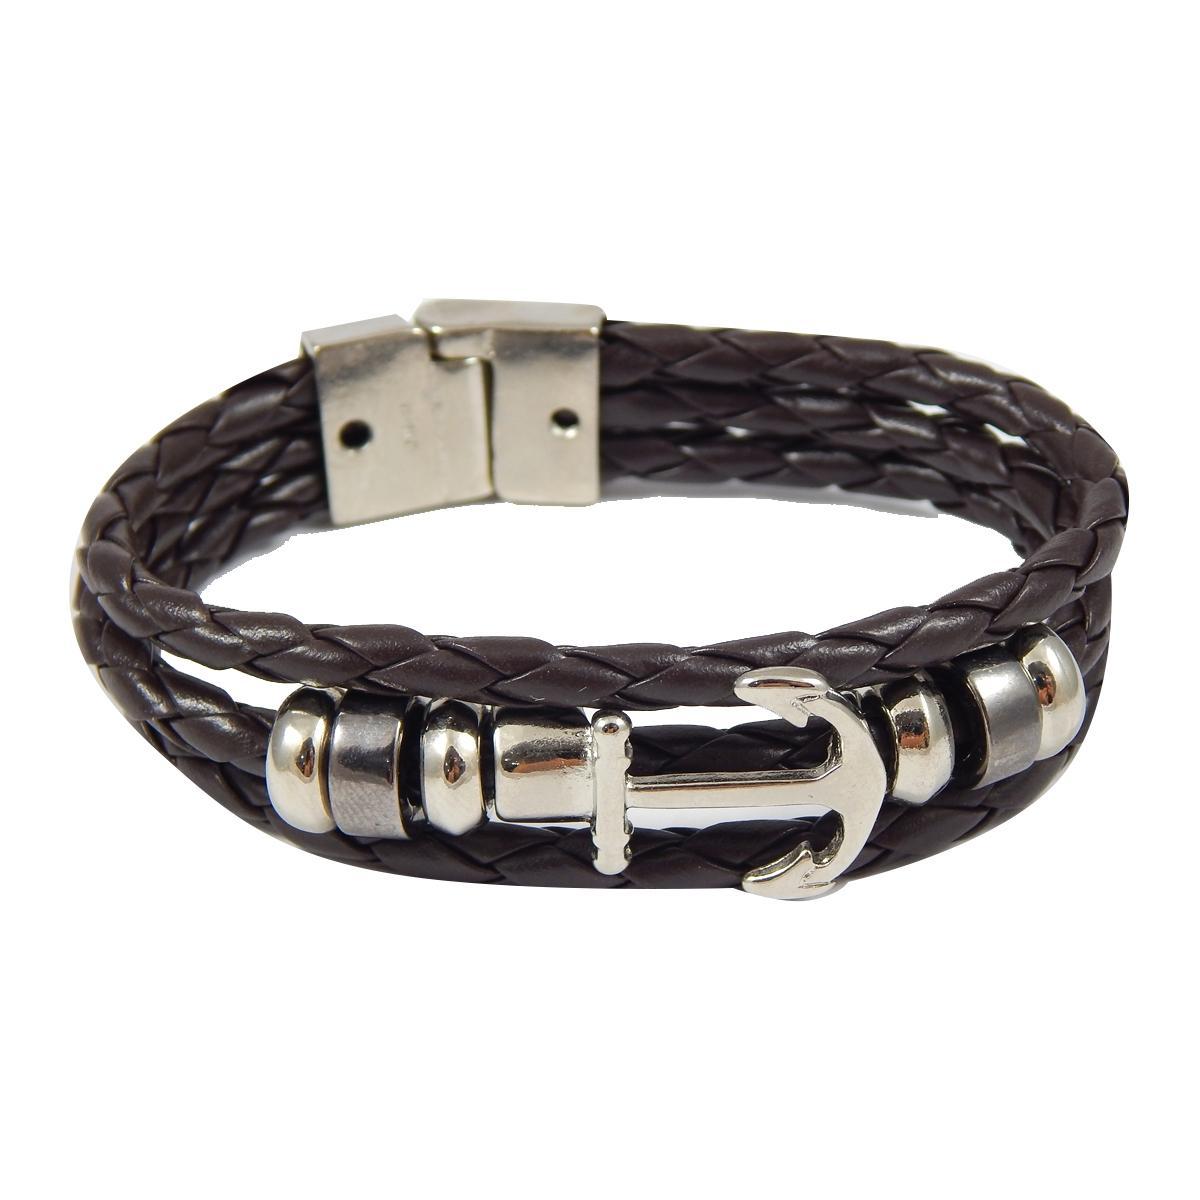 f60fdf3af59 Relogio masculino magnum marrom kit com pulseira de couro ma21900d R   405